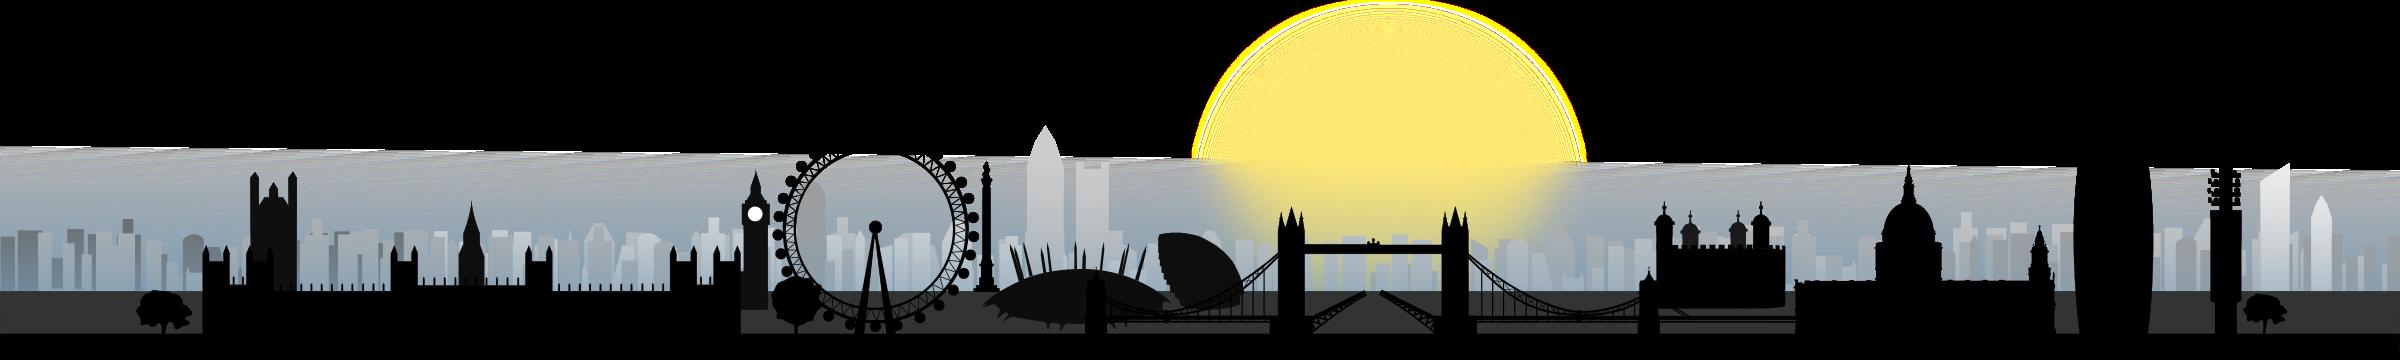 london clipart landscape london